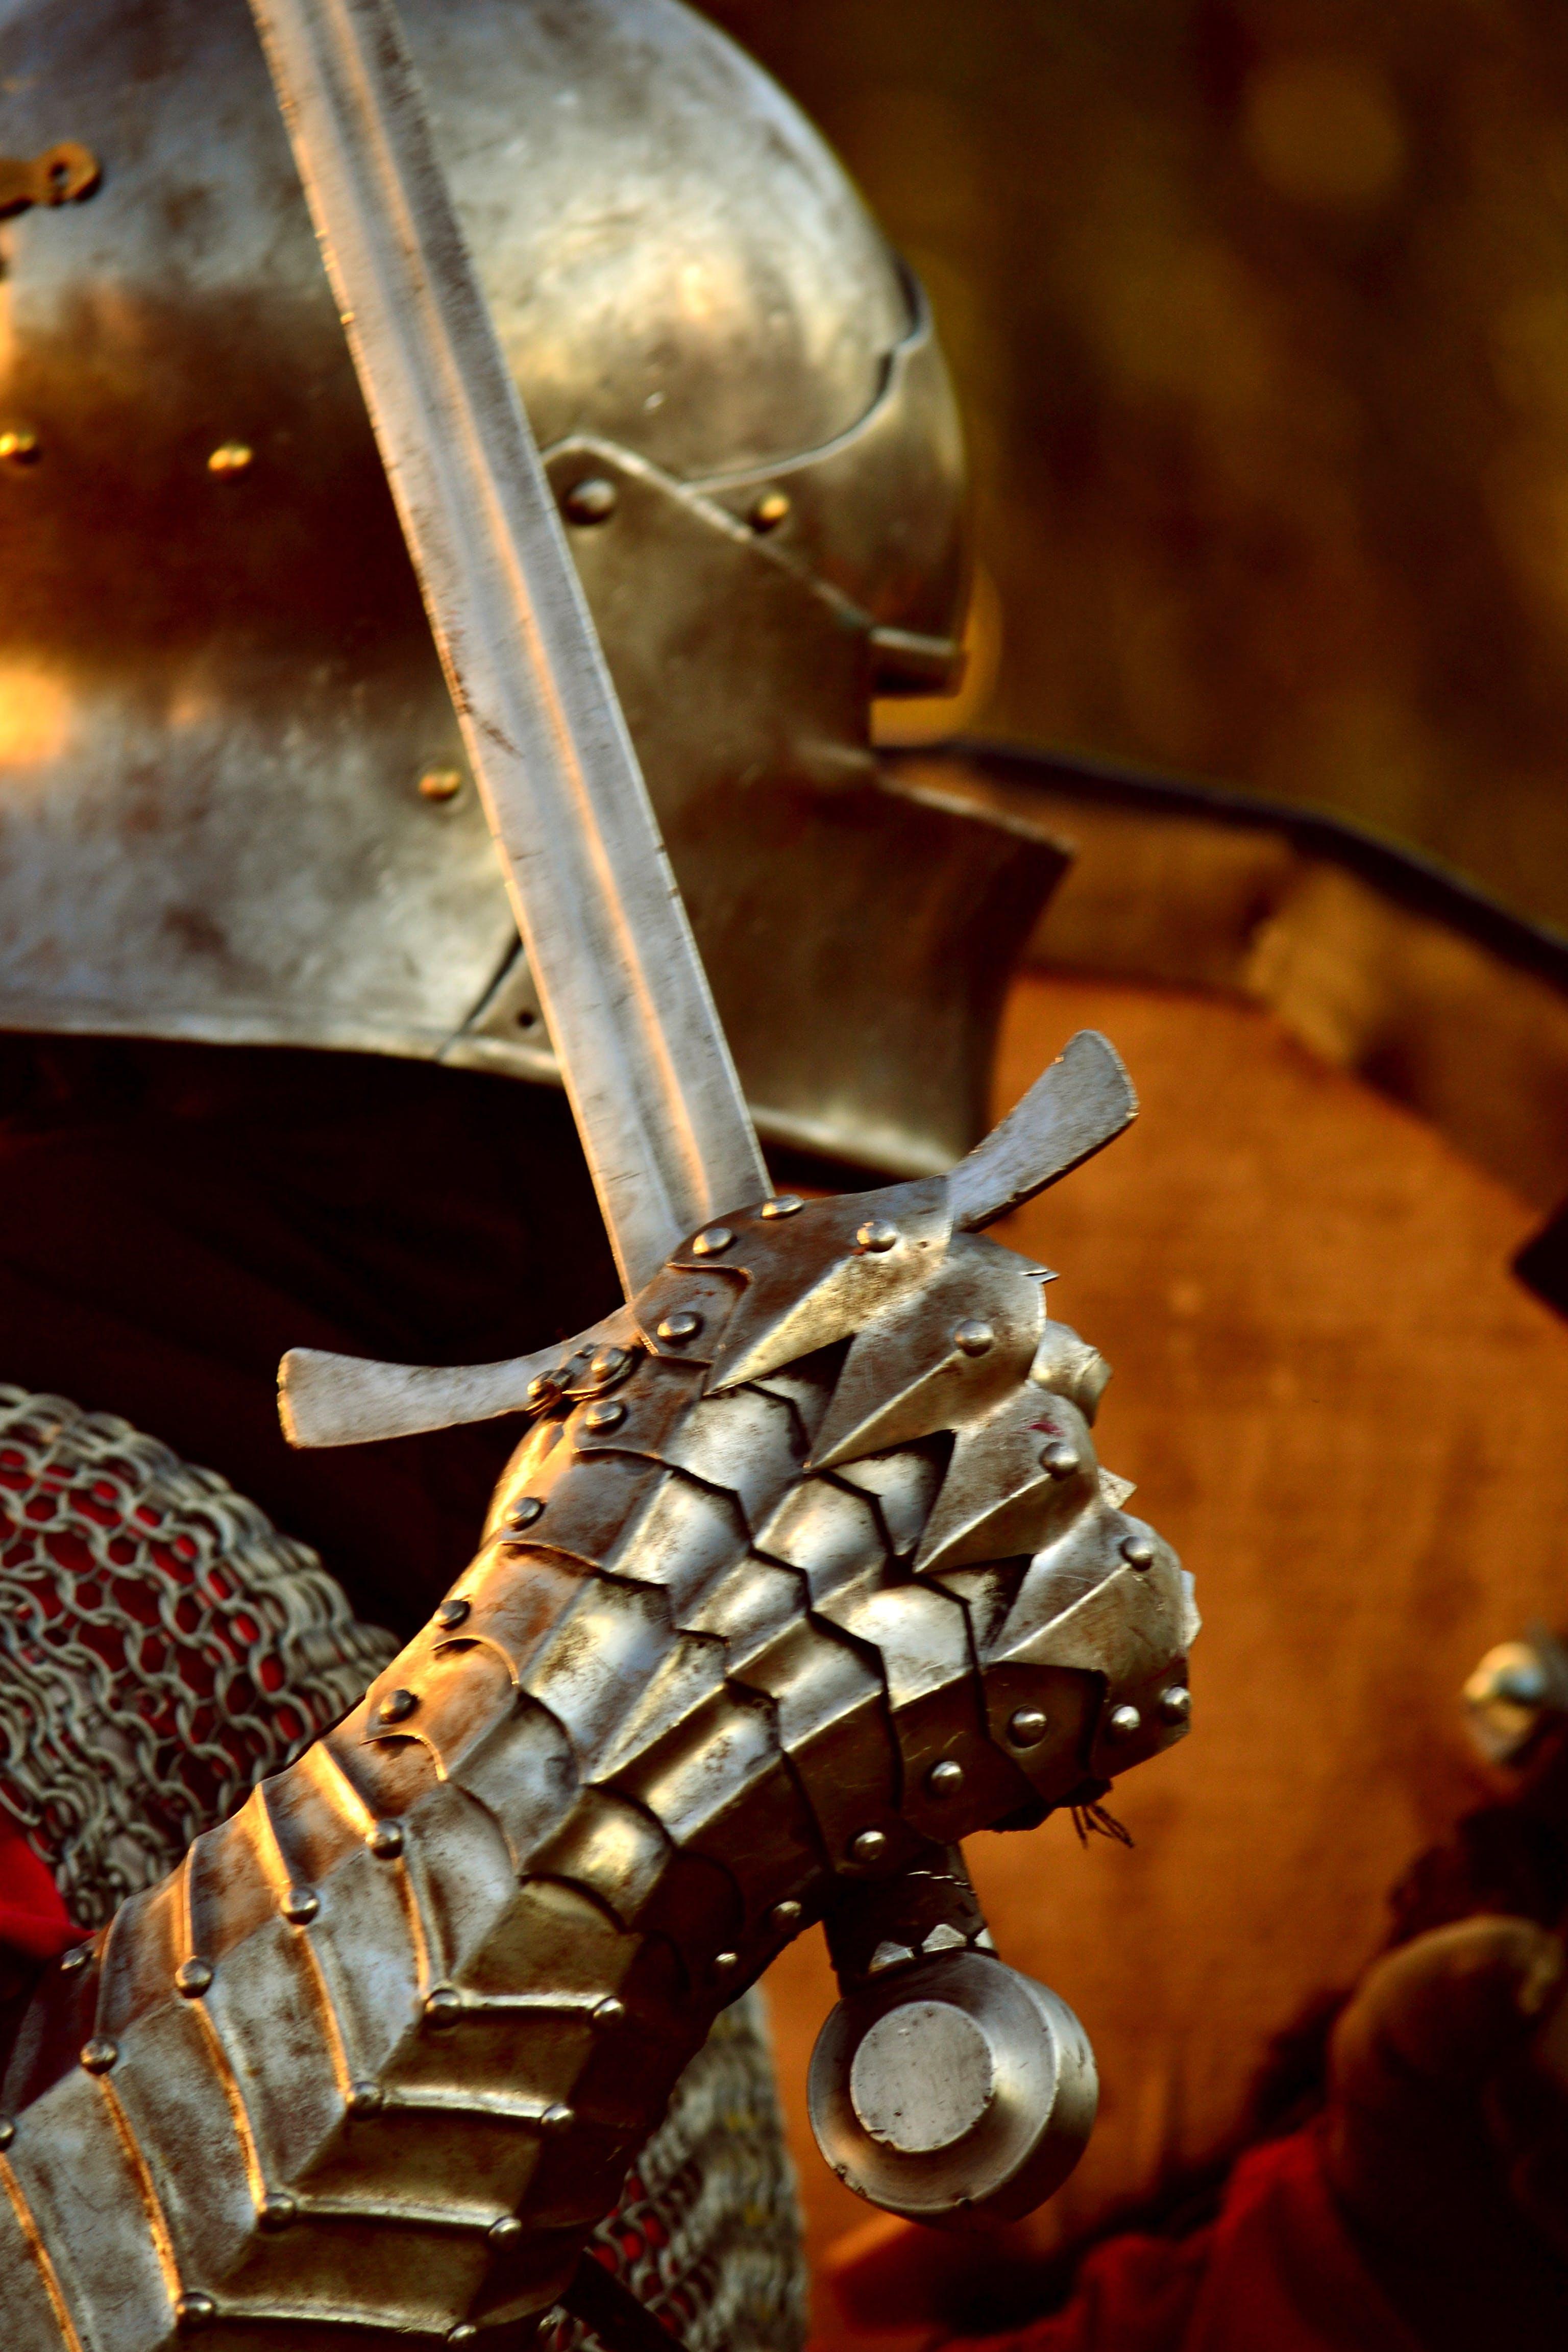 Gratis stockfoto met antiek, bescherming, close-up, gereedschap